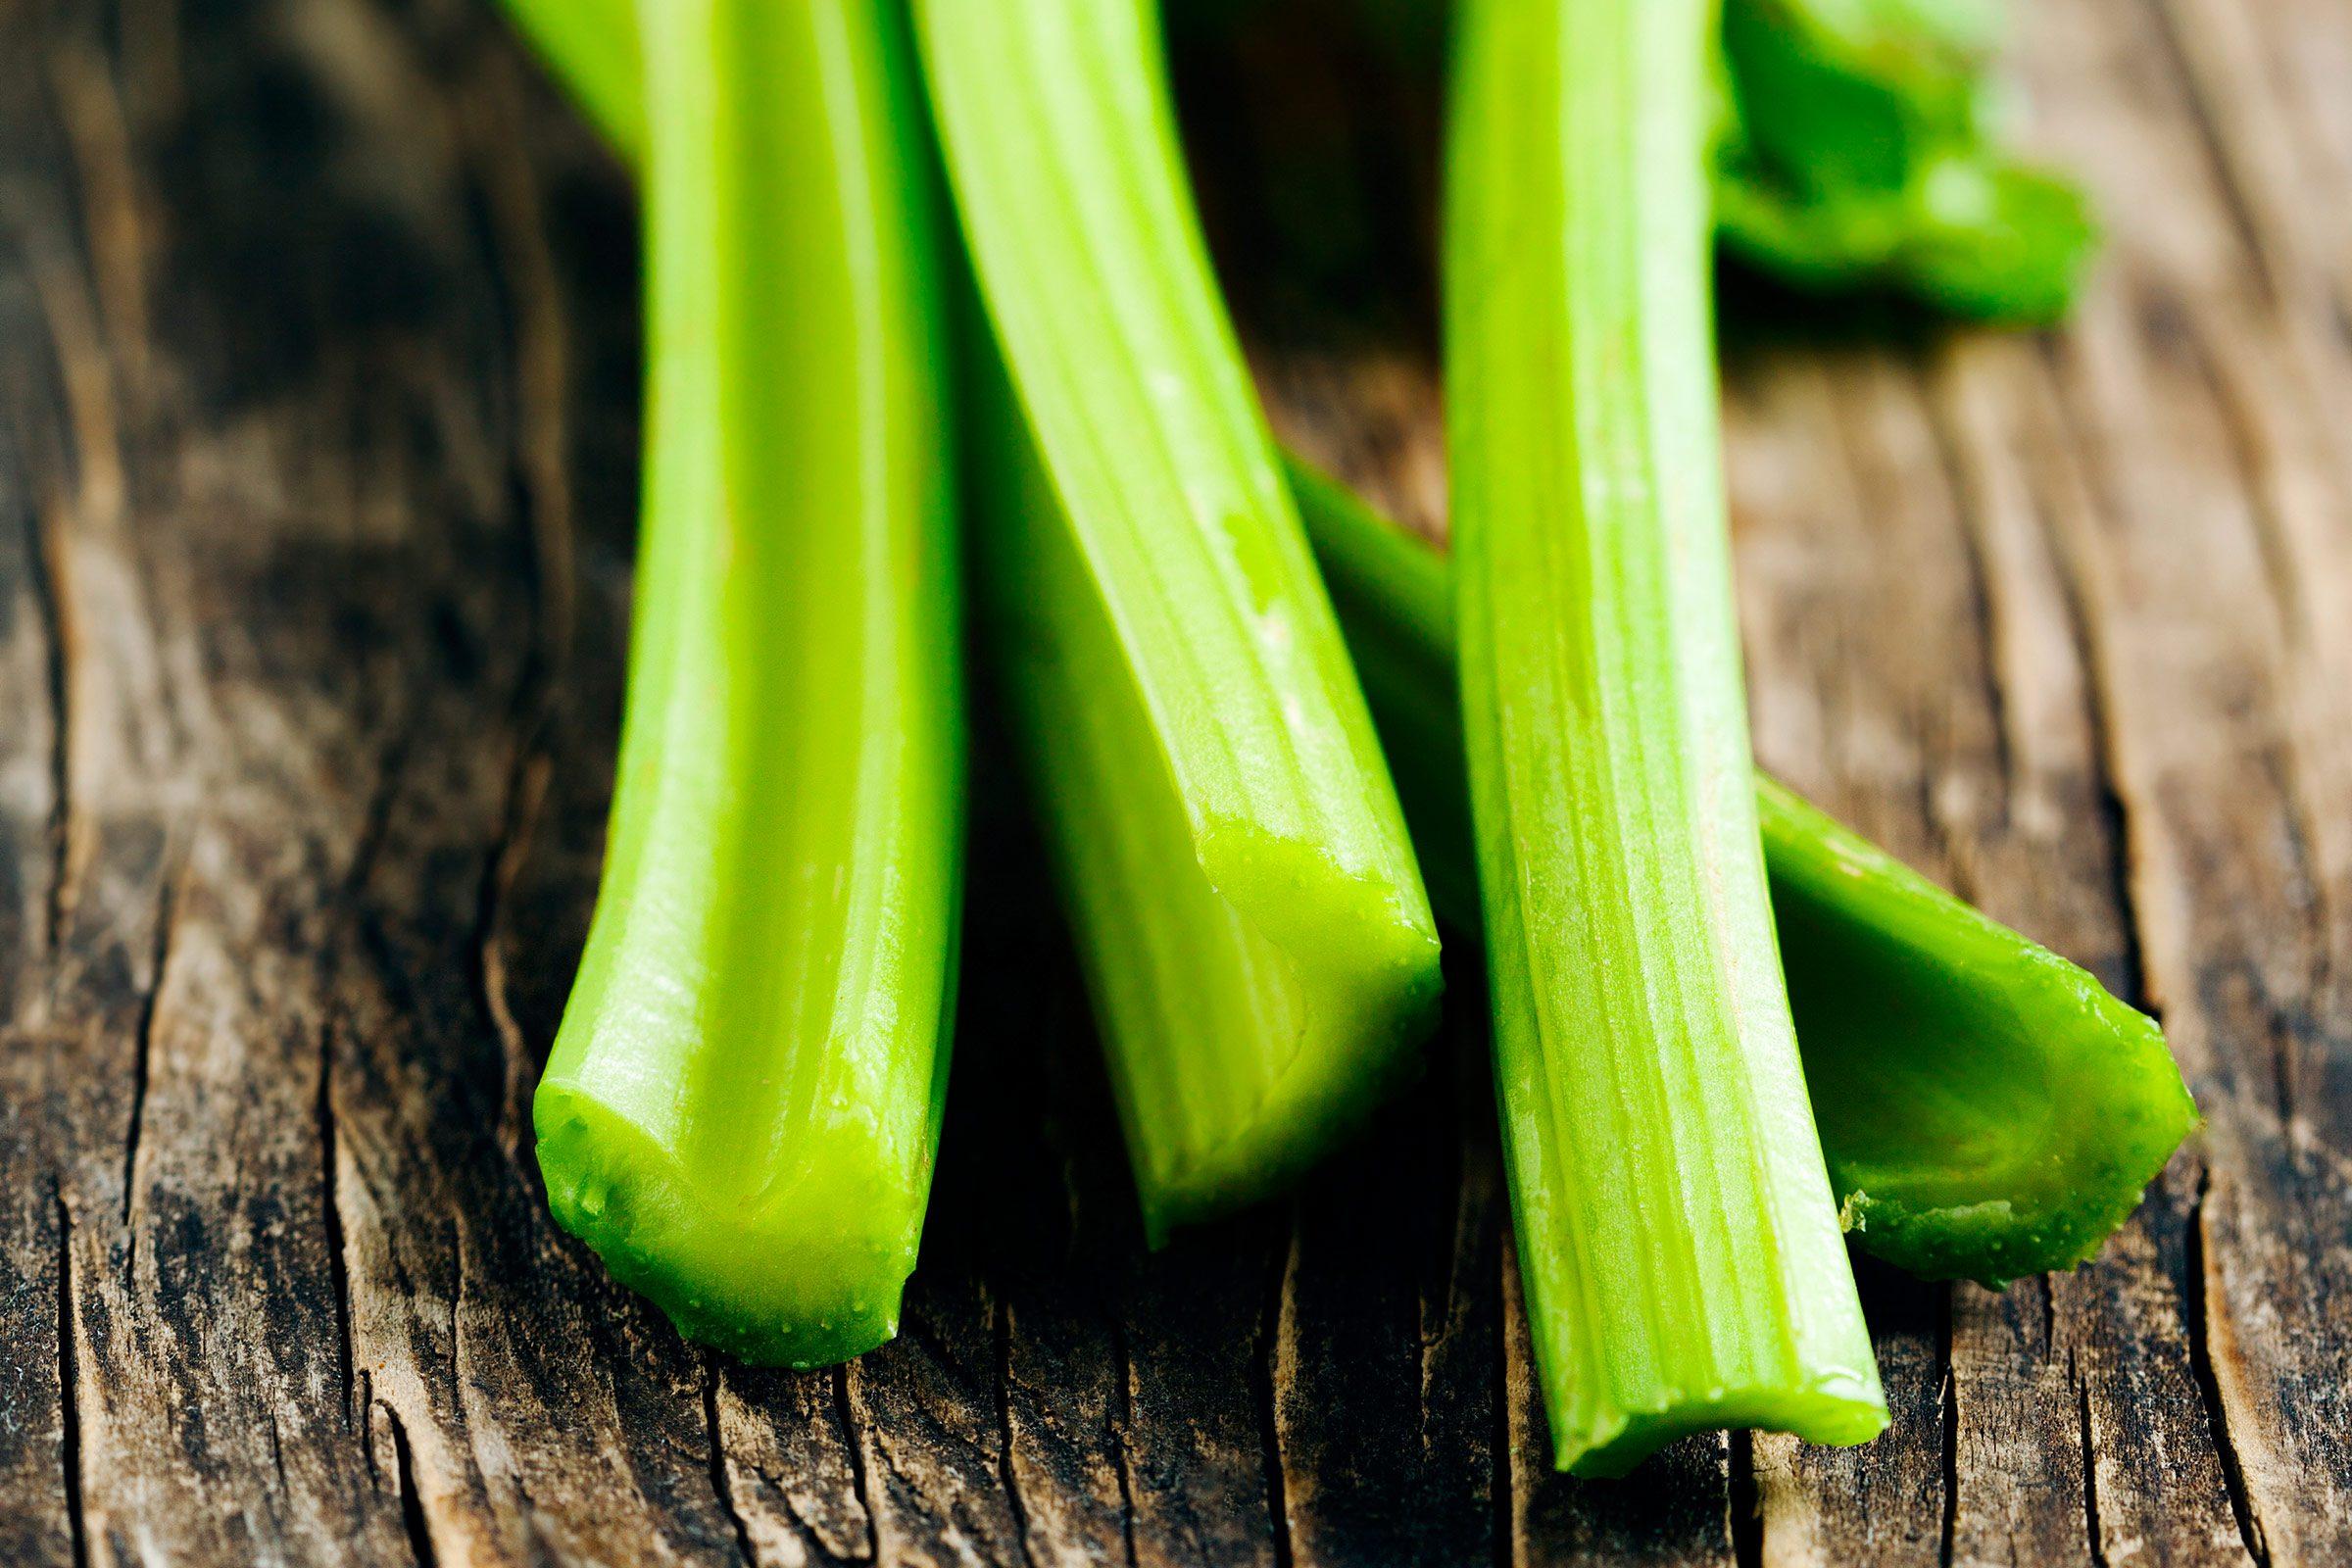 13. Celery Care 101